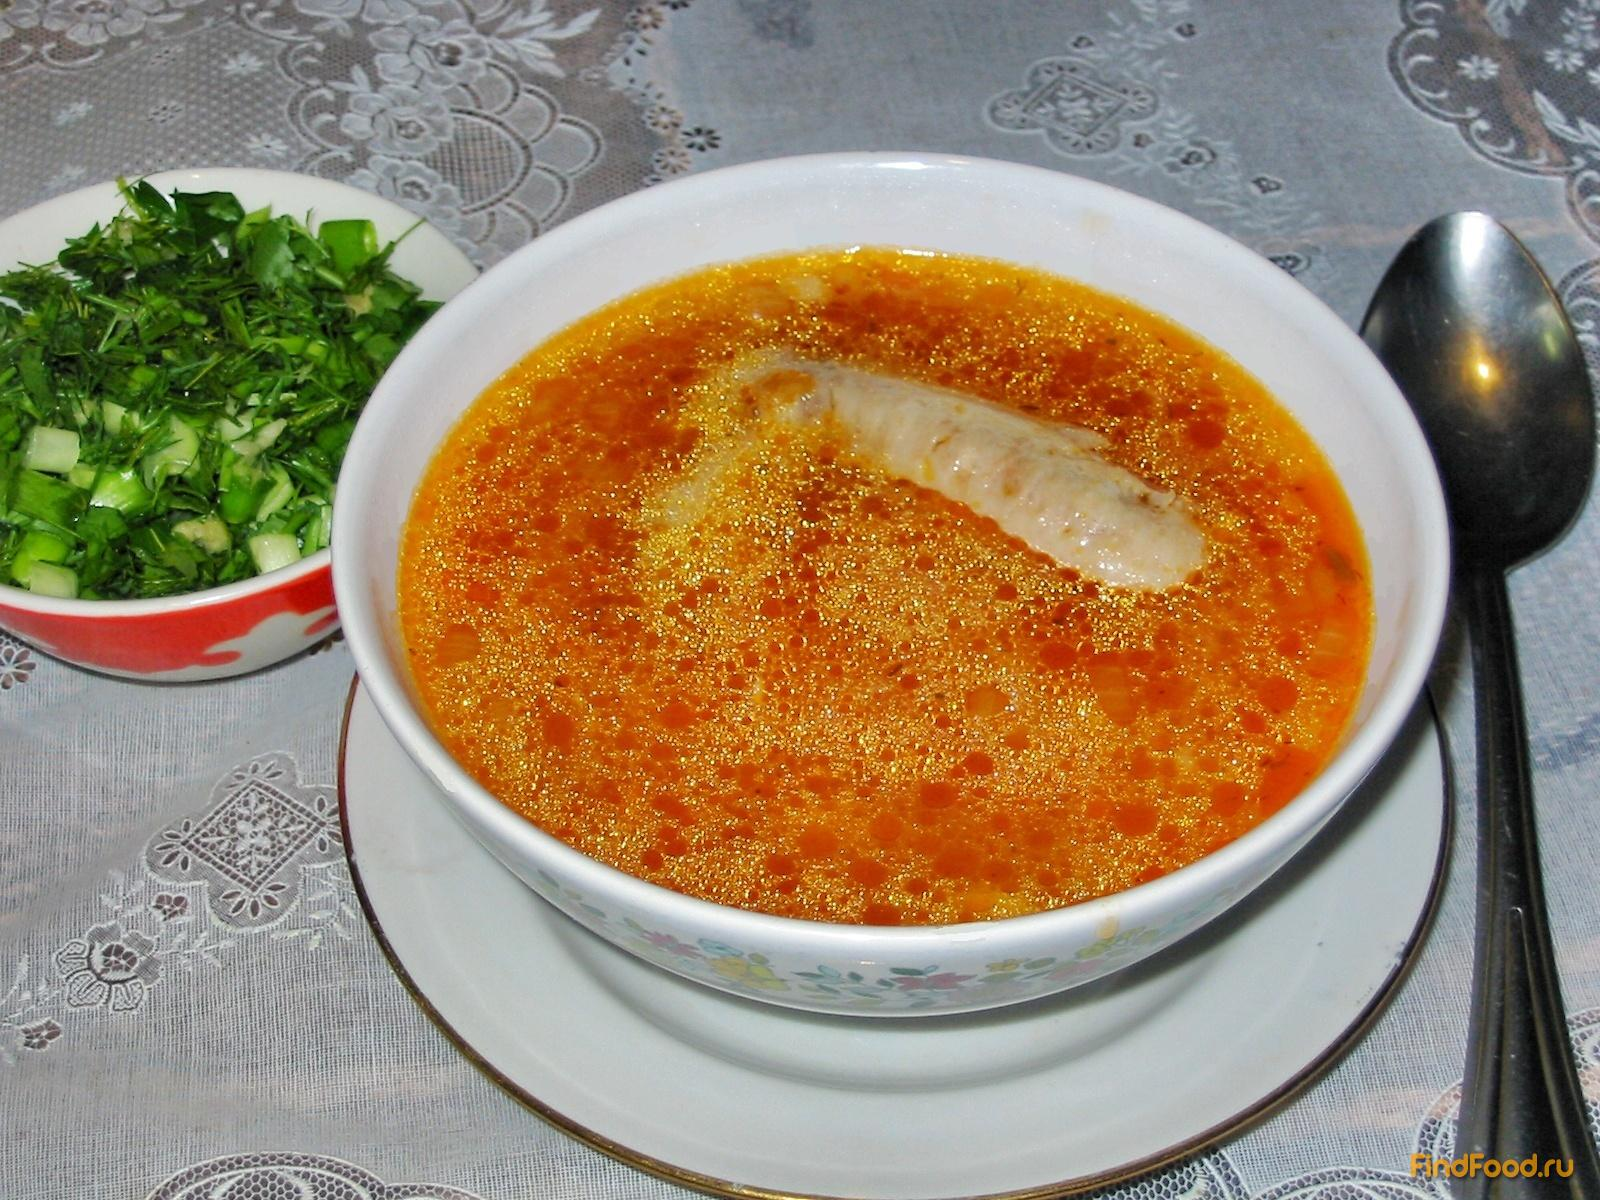 Суп харчо из курицы: рецепт приготовления в домашних условиях 71